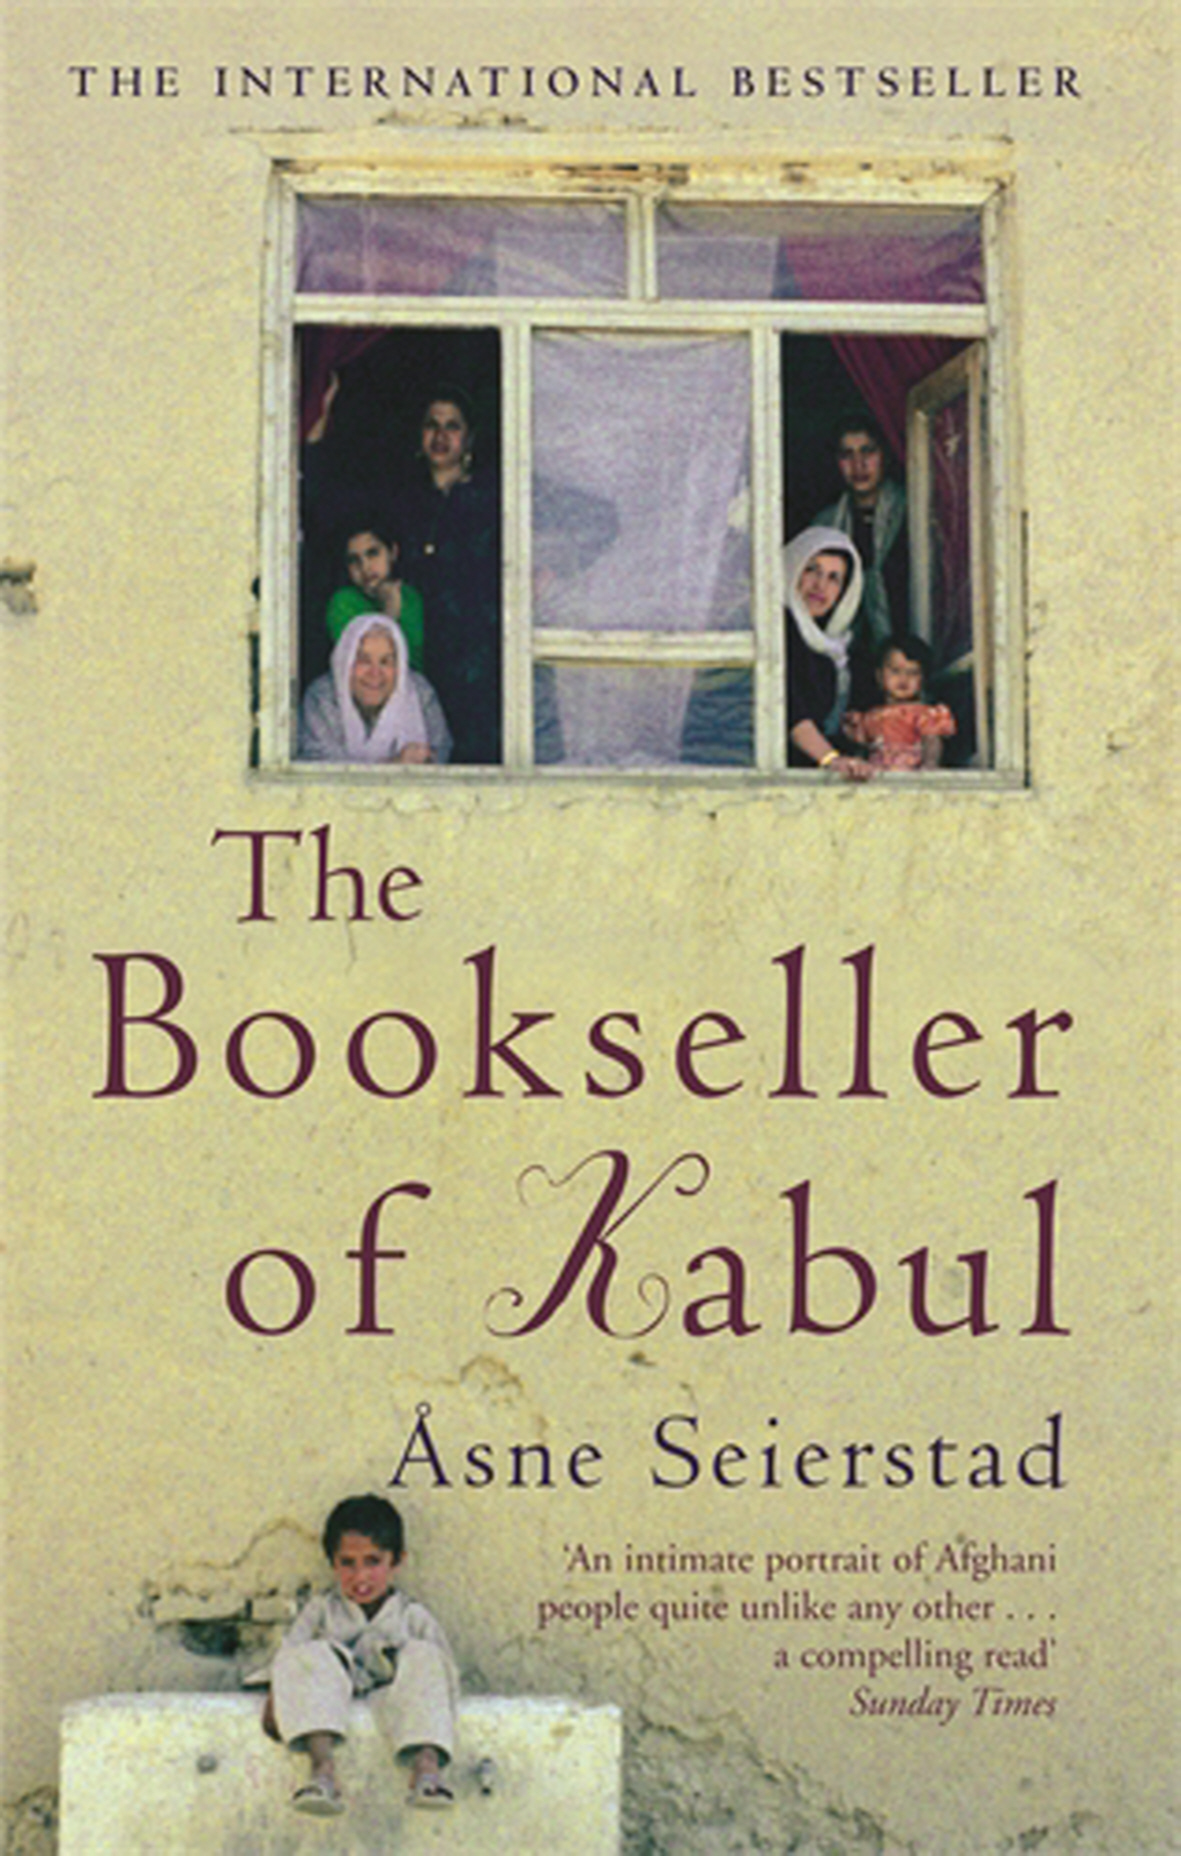 Bookseller-of-Kabul